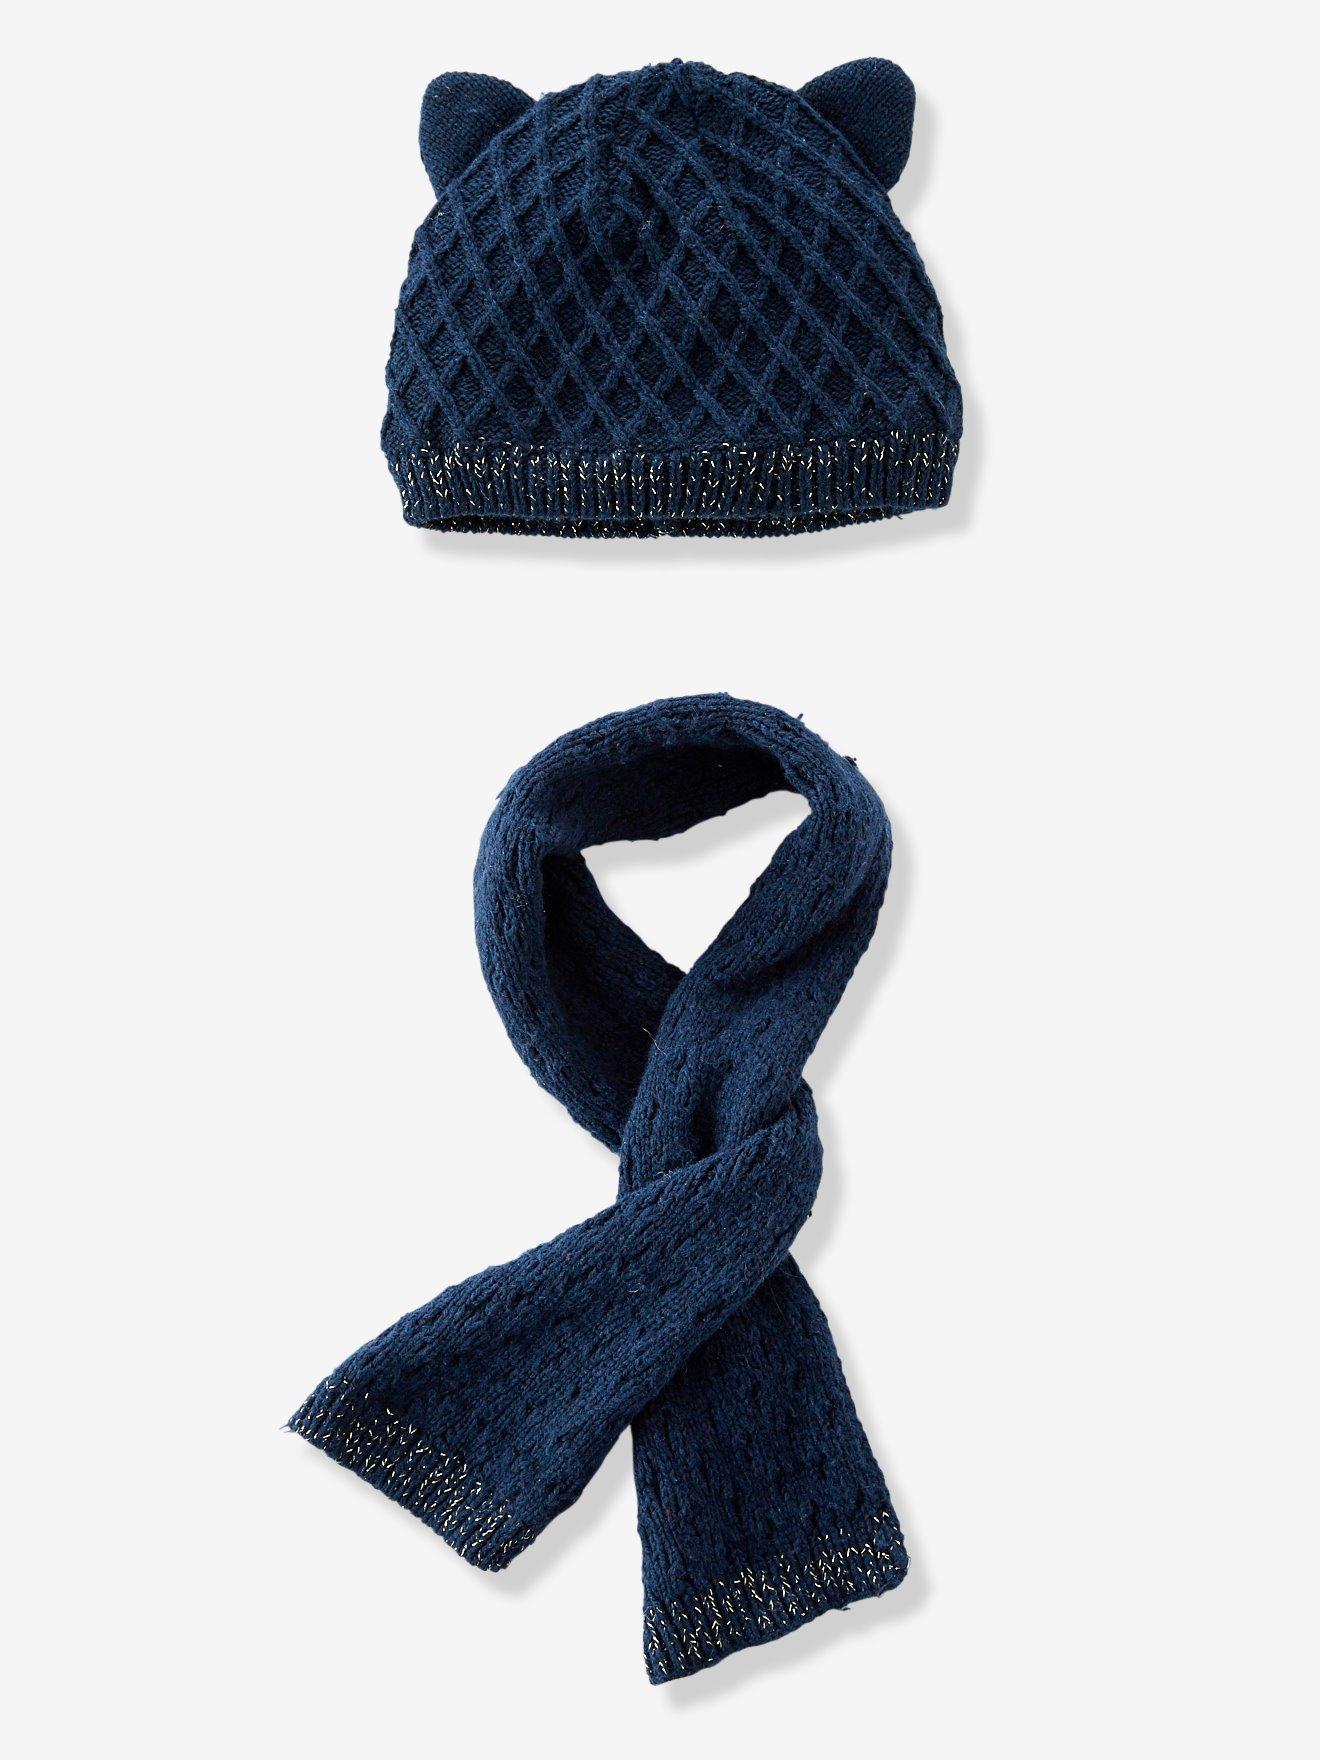 74d61bbc Conjunto de gorro + bufanda de punto tricot con rombos y forro para bebé  niña azul oscuro